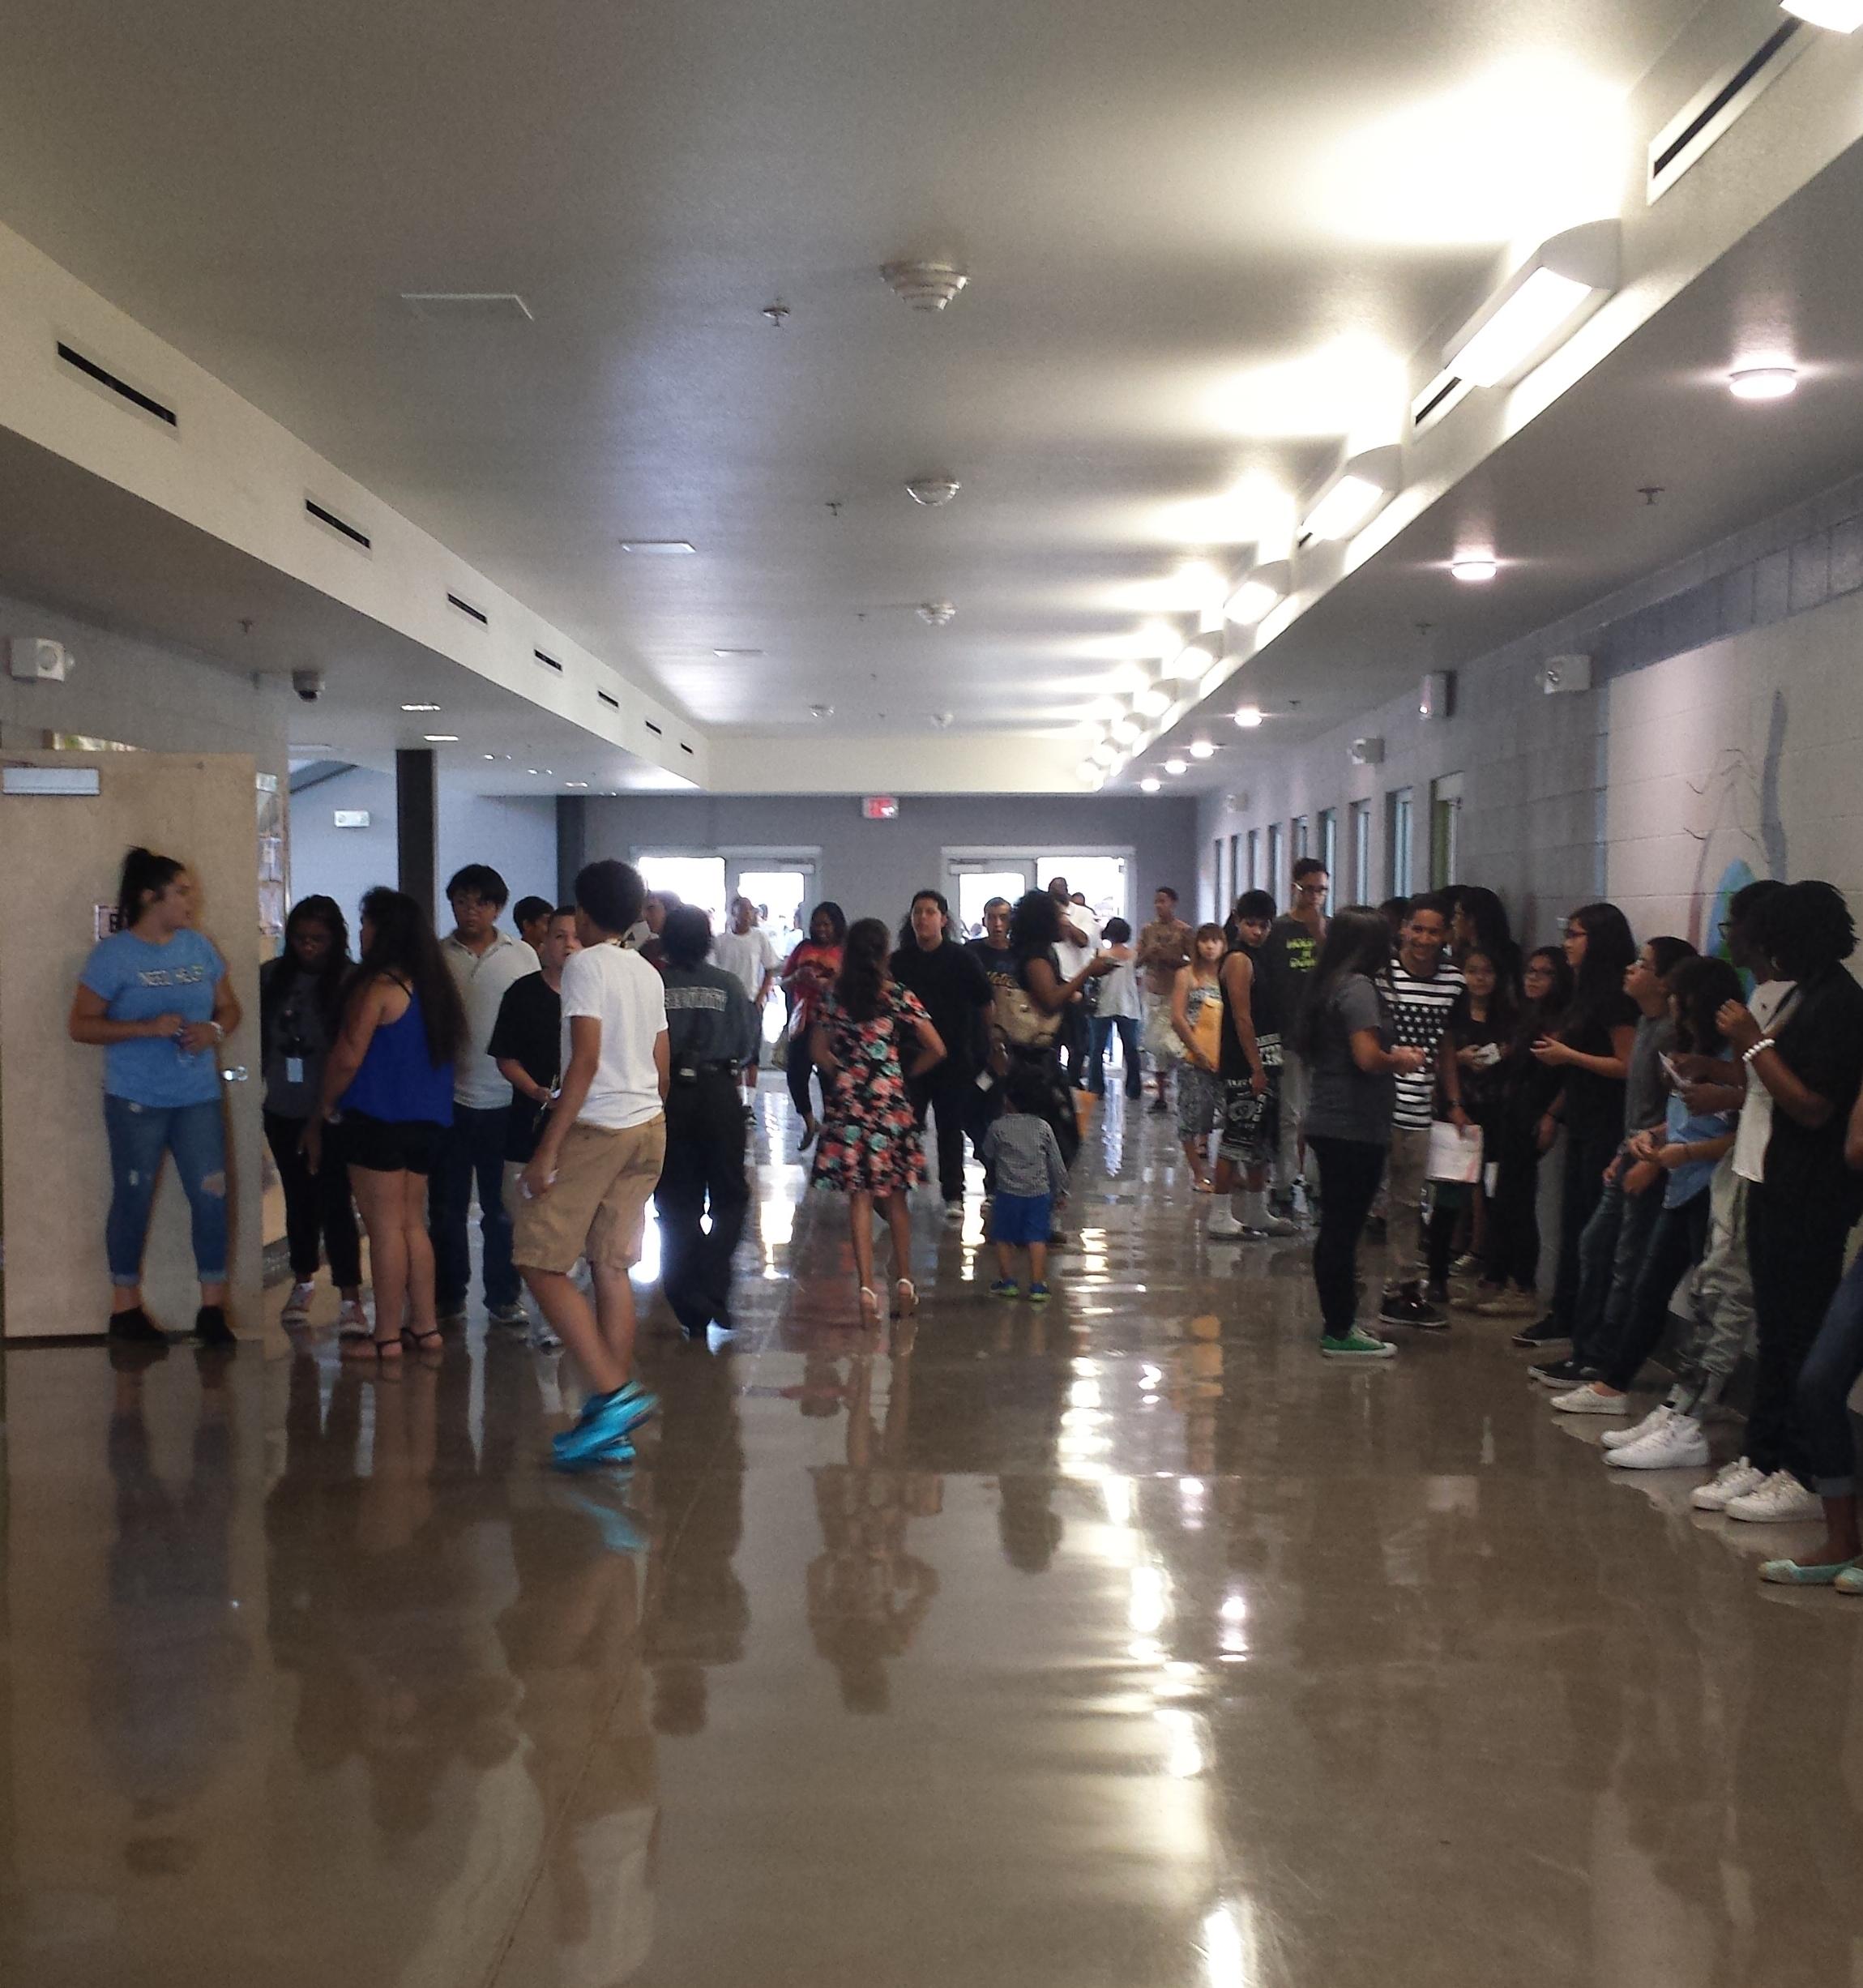 Freshmen orientation in August 2015 at Betty Fairfax High School in Laveen, Arizona.